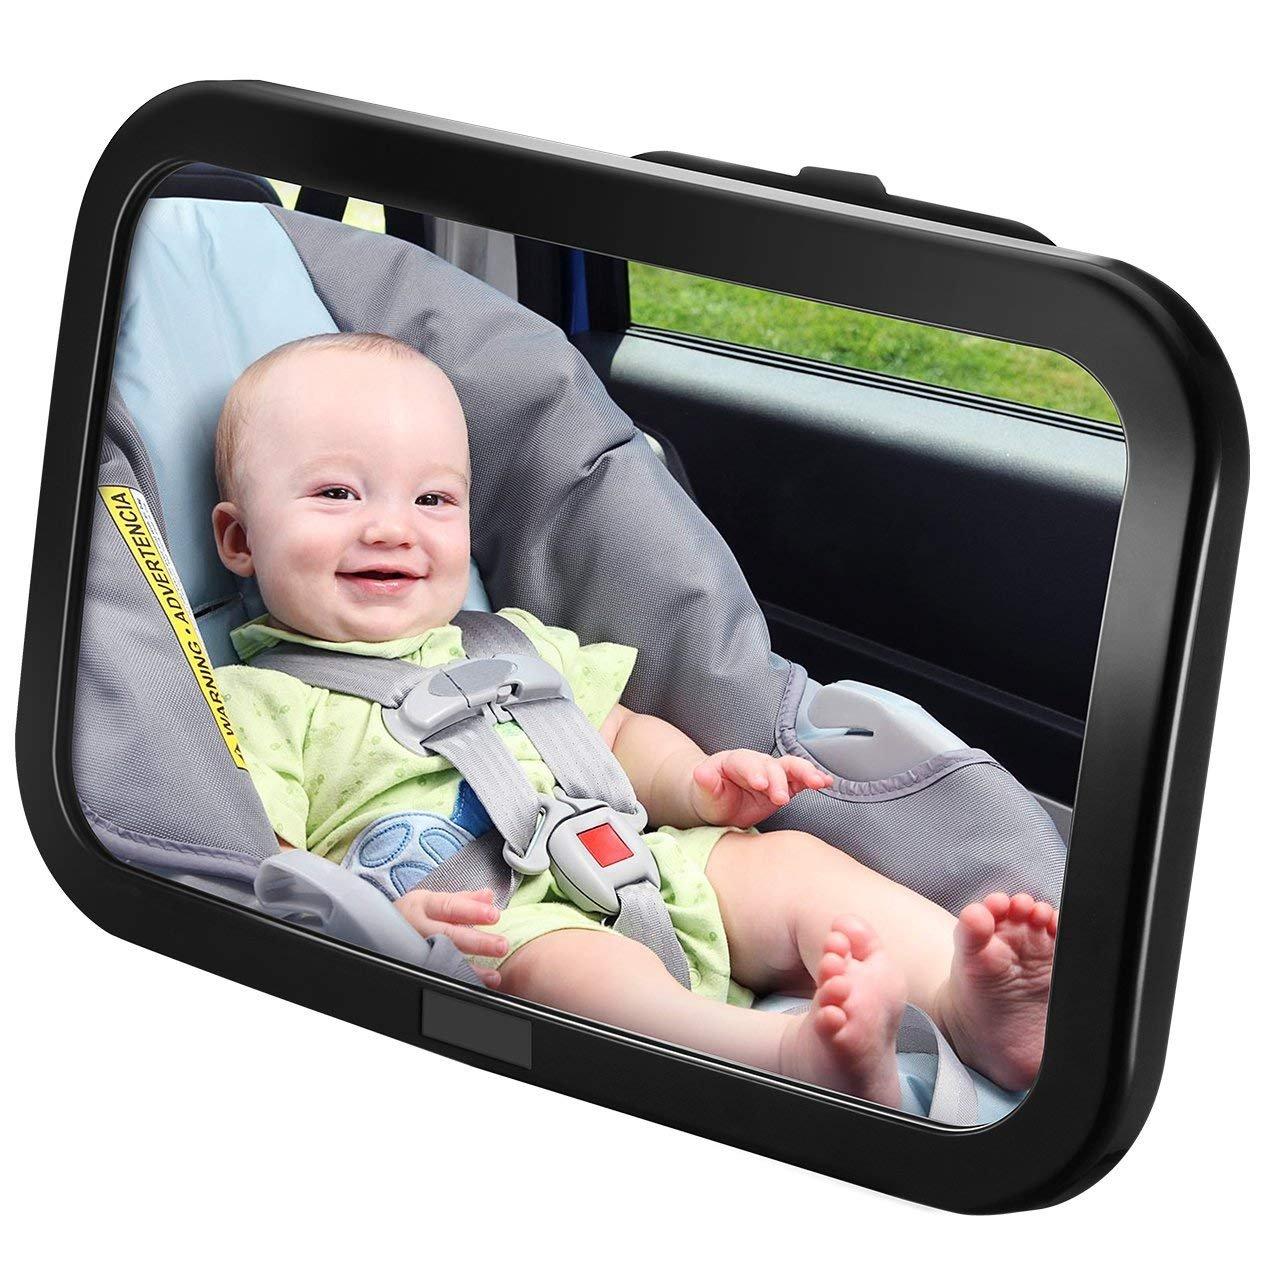 Westeng 1 PCS Espejo Retrovisor Coche para Vigilar al bebé en el Coche - Ángulo Ajustable de 360°, Color Negro